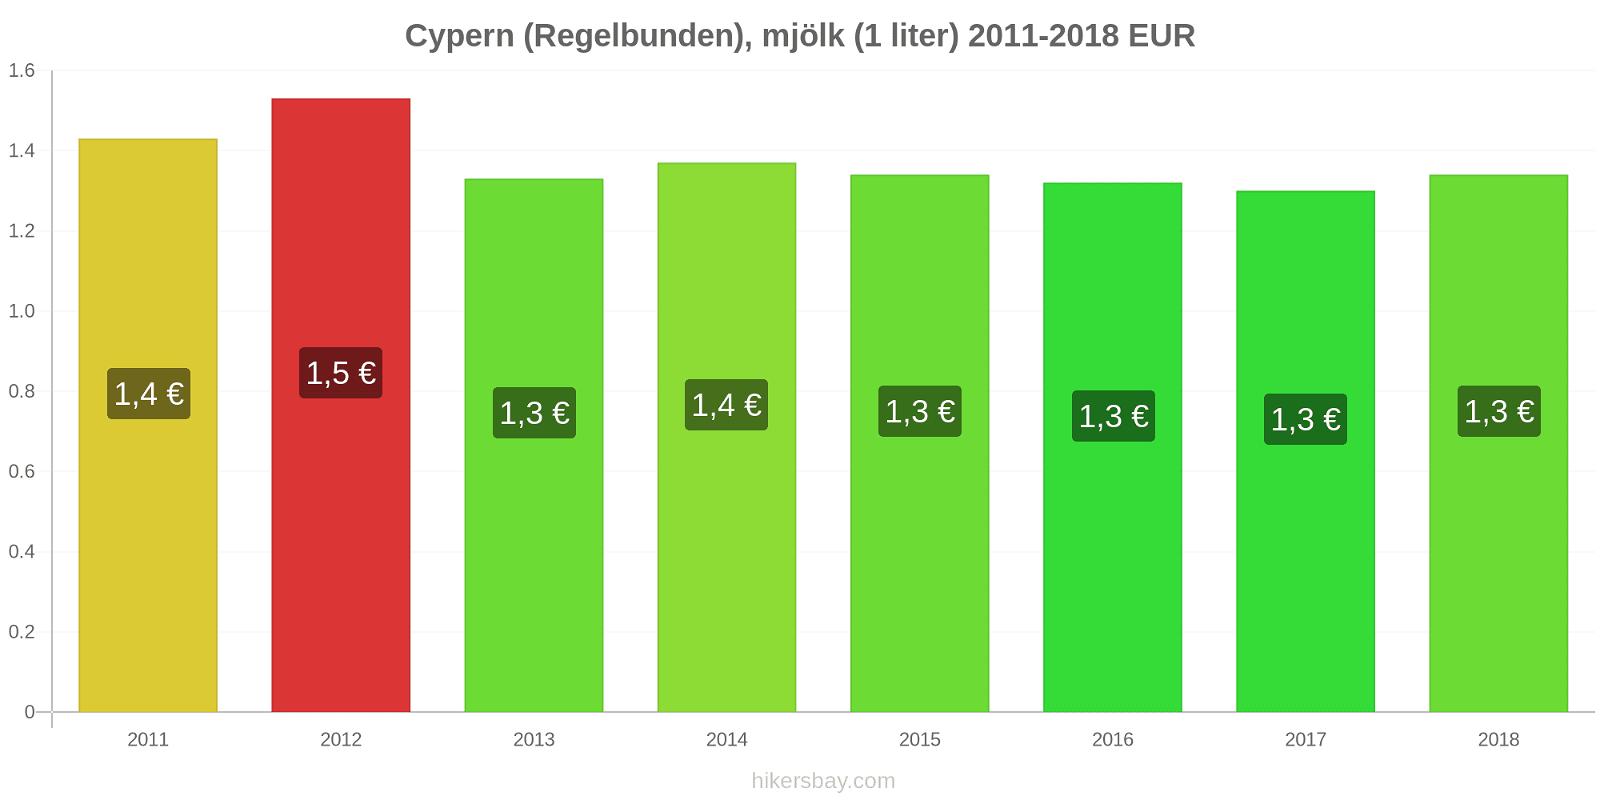 Cypern prisförändringar (Regelbunden), mjölk (1 liter) hikersbay.com